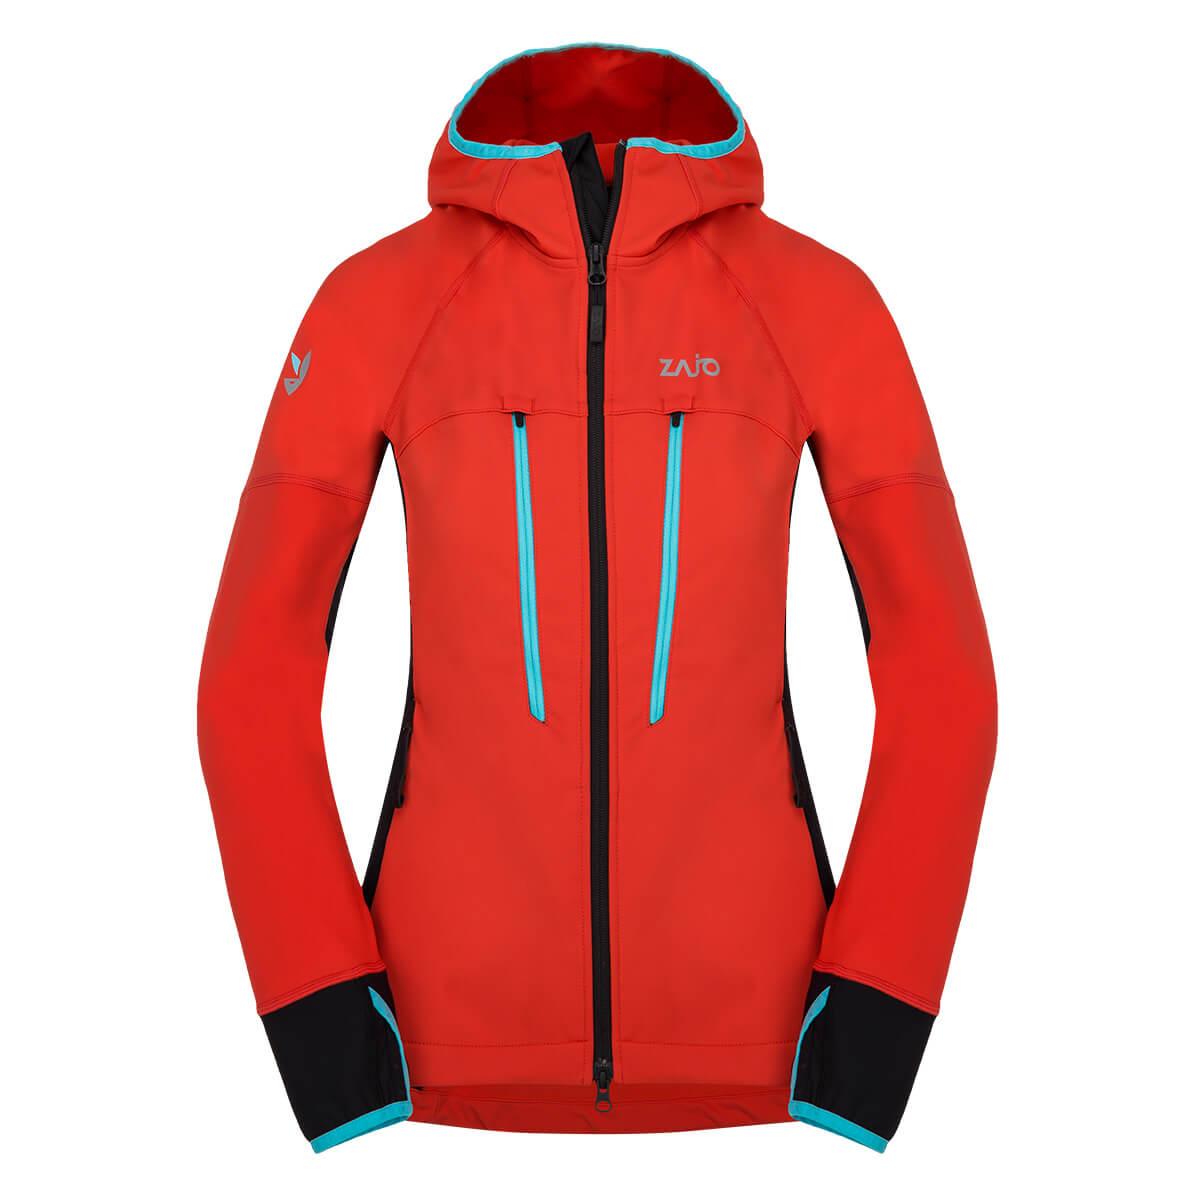 Dámska bunda Zajo Ramsau W JKT Red - veľkosť XS